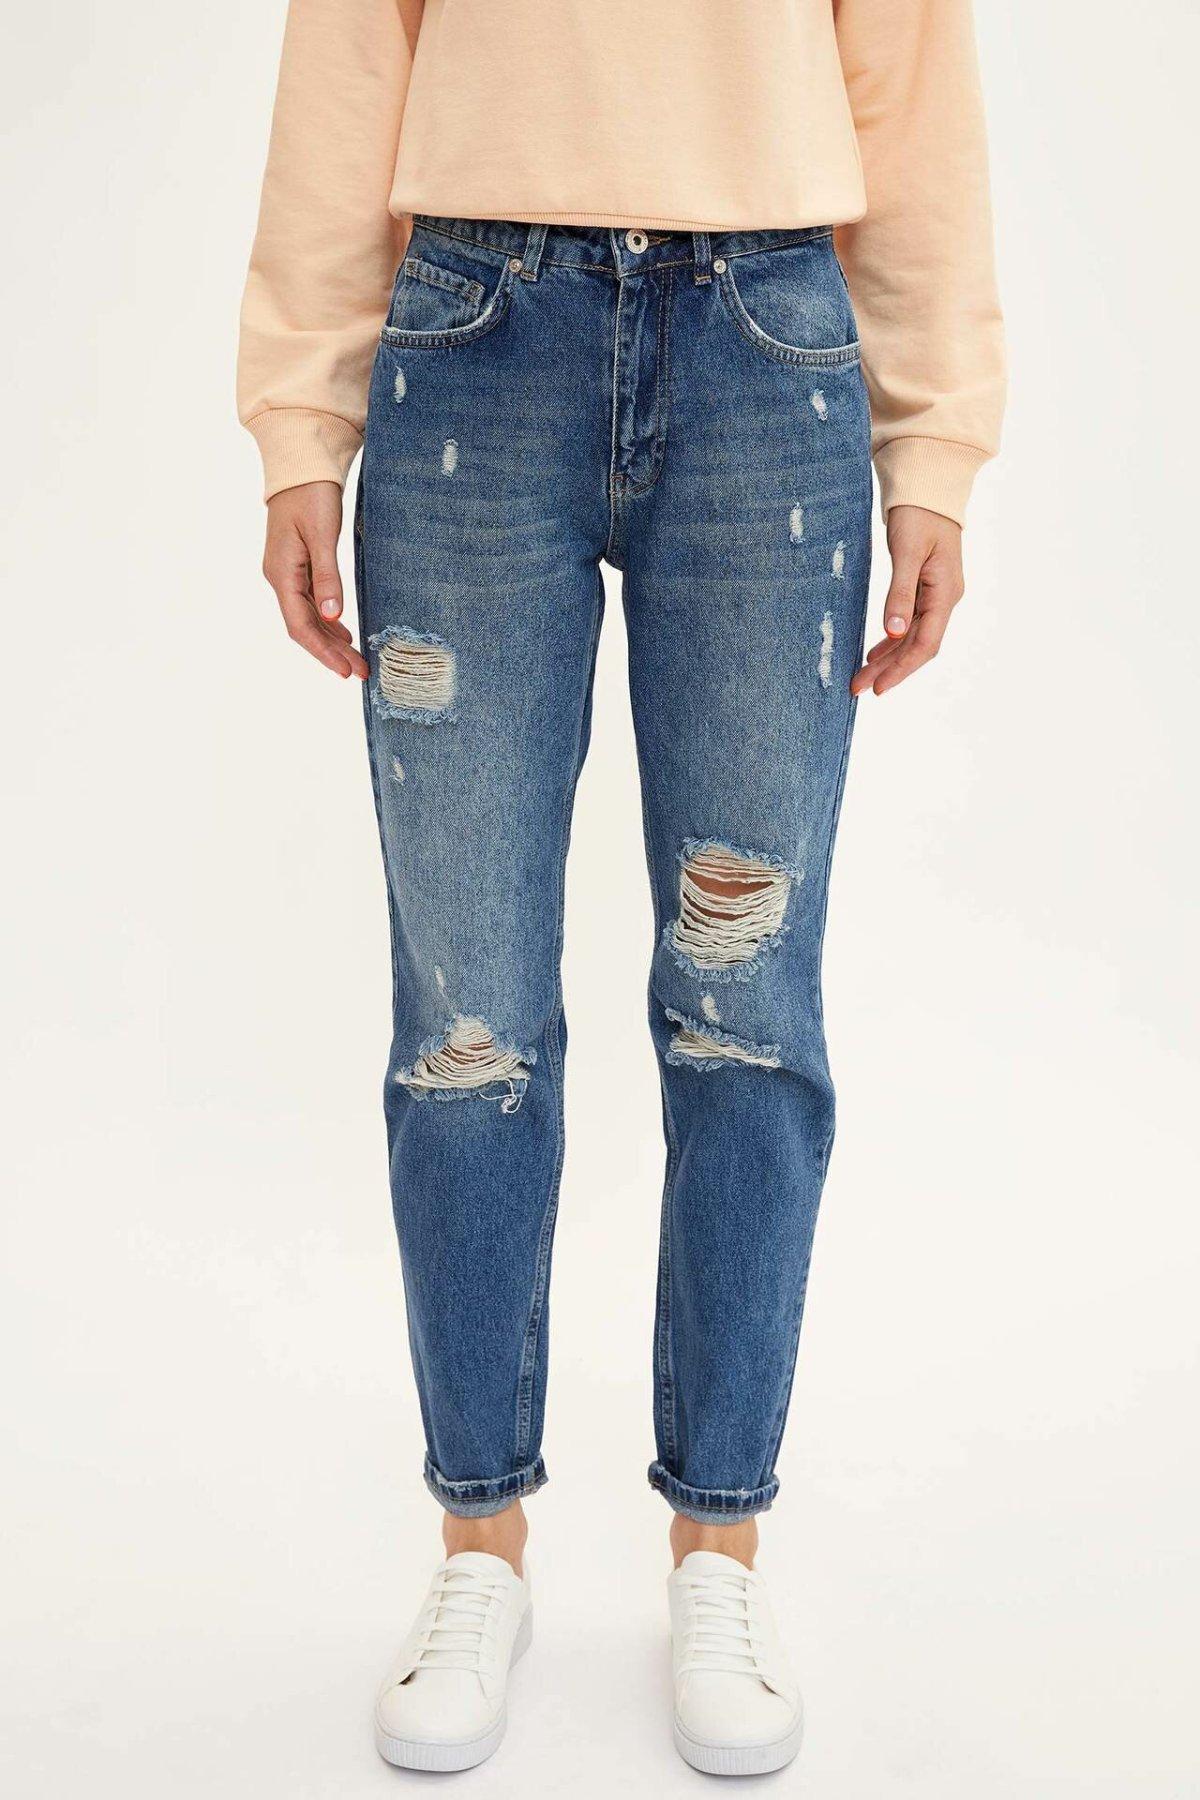 DeFacto Blue Women Mid-waist Loose Denim Jeans Hole Casual Fashion Nine Minutes Trousers-L4585AZ19AU